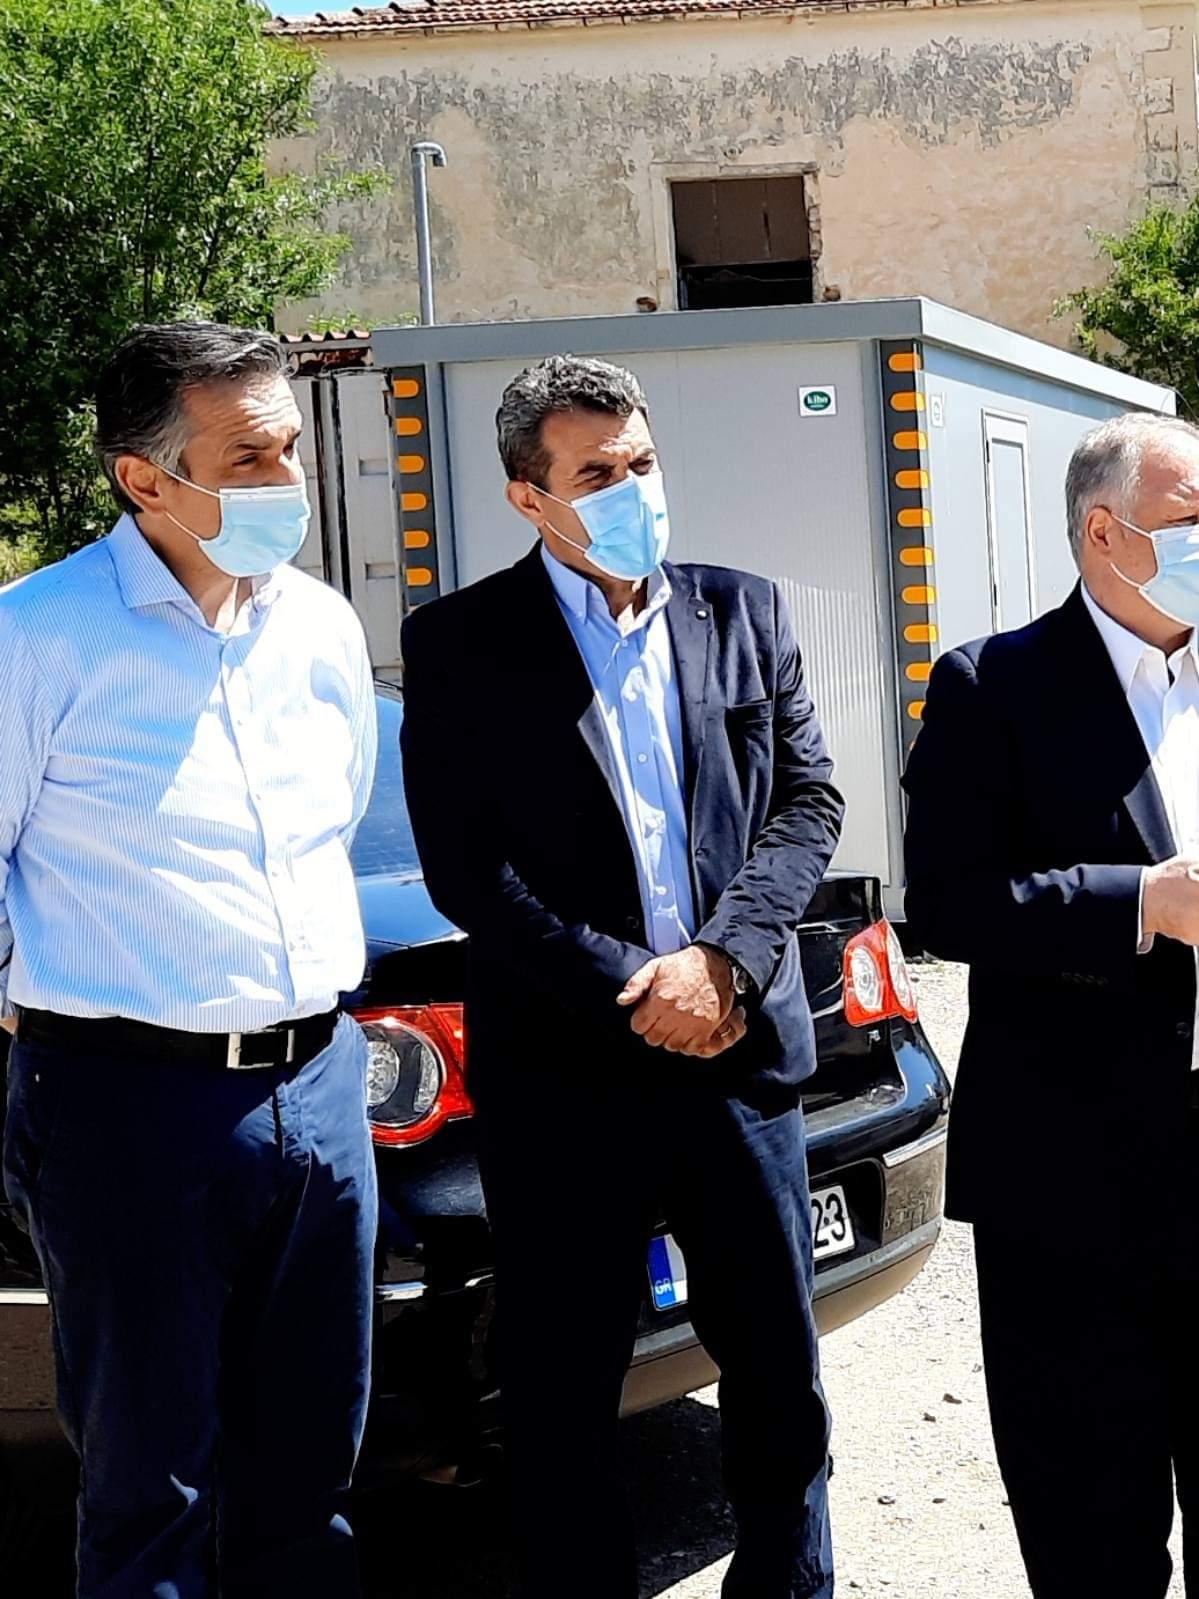 Τα υπό κατασκευή Αστυνομικά Μέγαρα Καστοριάς και Γρεβενών επισκέφθηκε ο Γ.Γ. του Υπουργείου Προστασίας του Πολίτη Κωνσταντίνος Τσουβάλα (Φωτογραφίες)